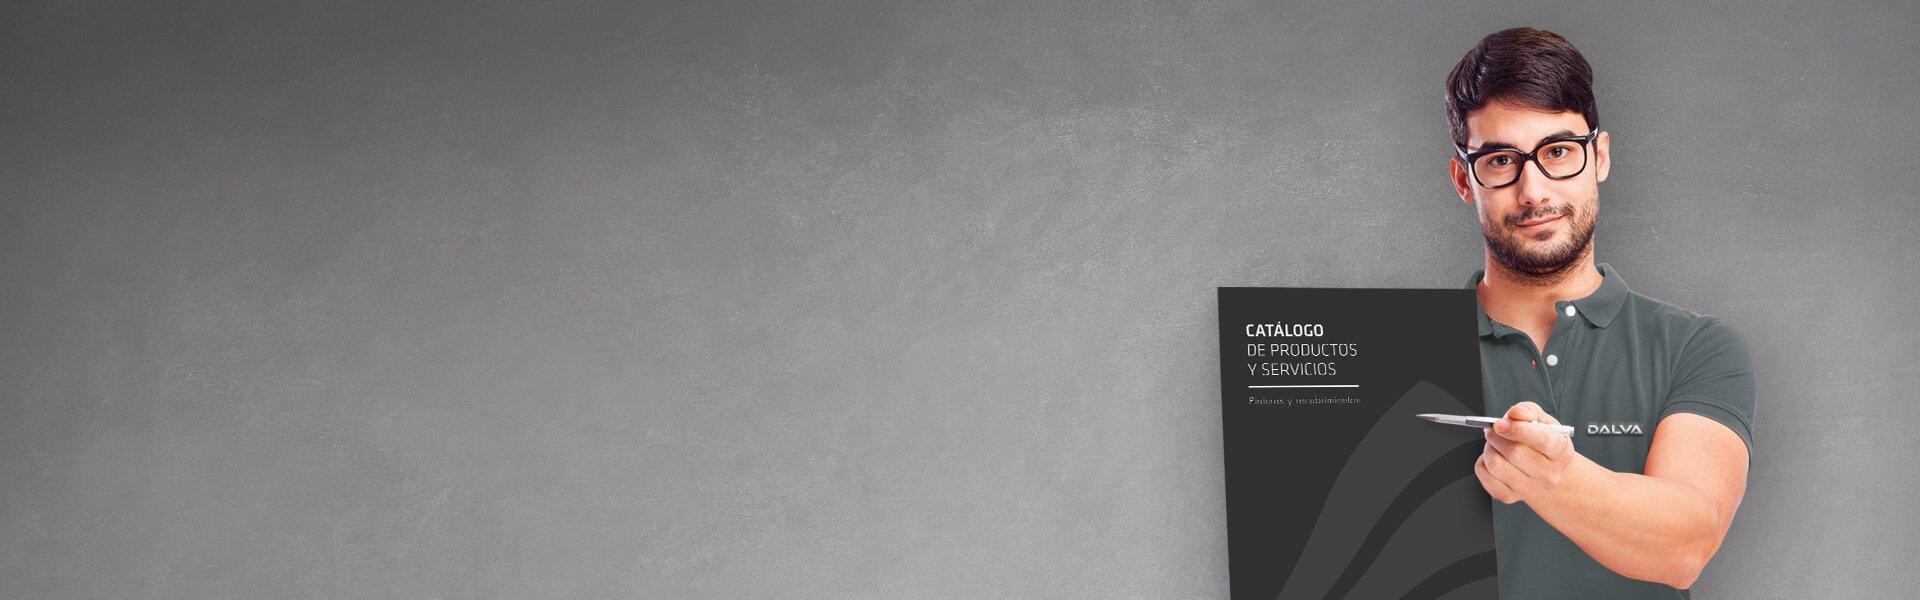 Un hombre con gafas sujeta un catálogo de productos y servicios de pintura